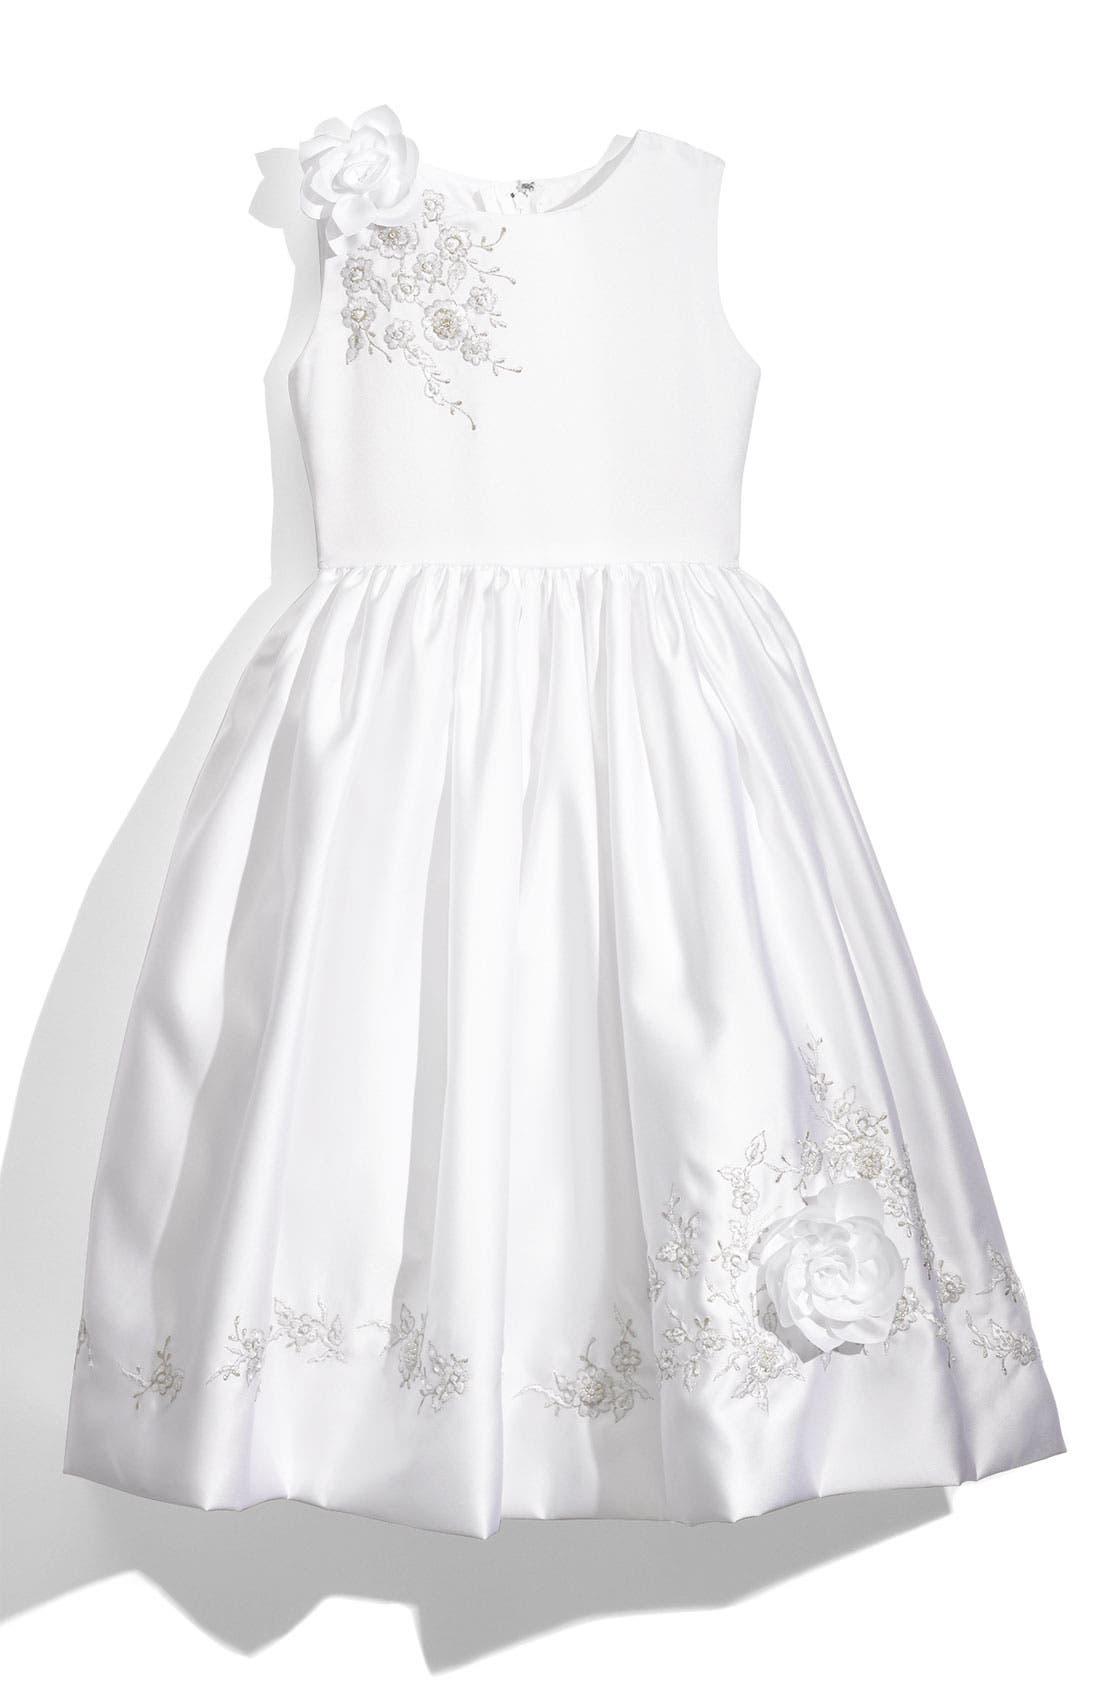 Alternate Image 1 Selected - Joan Calabrese for Mon Cheri Sleeveless Satin Dress (Big Girls)